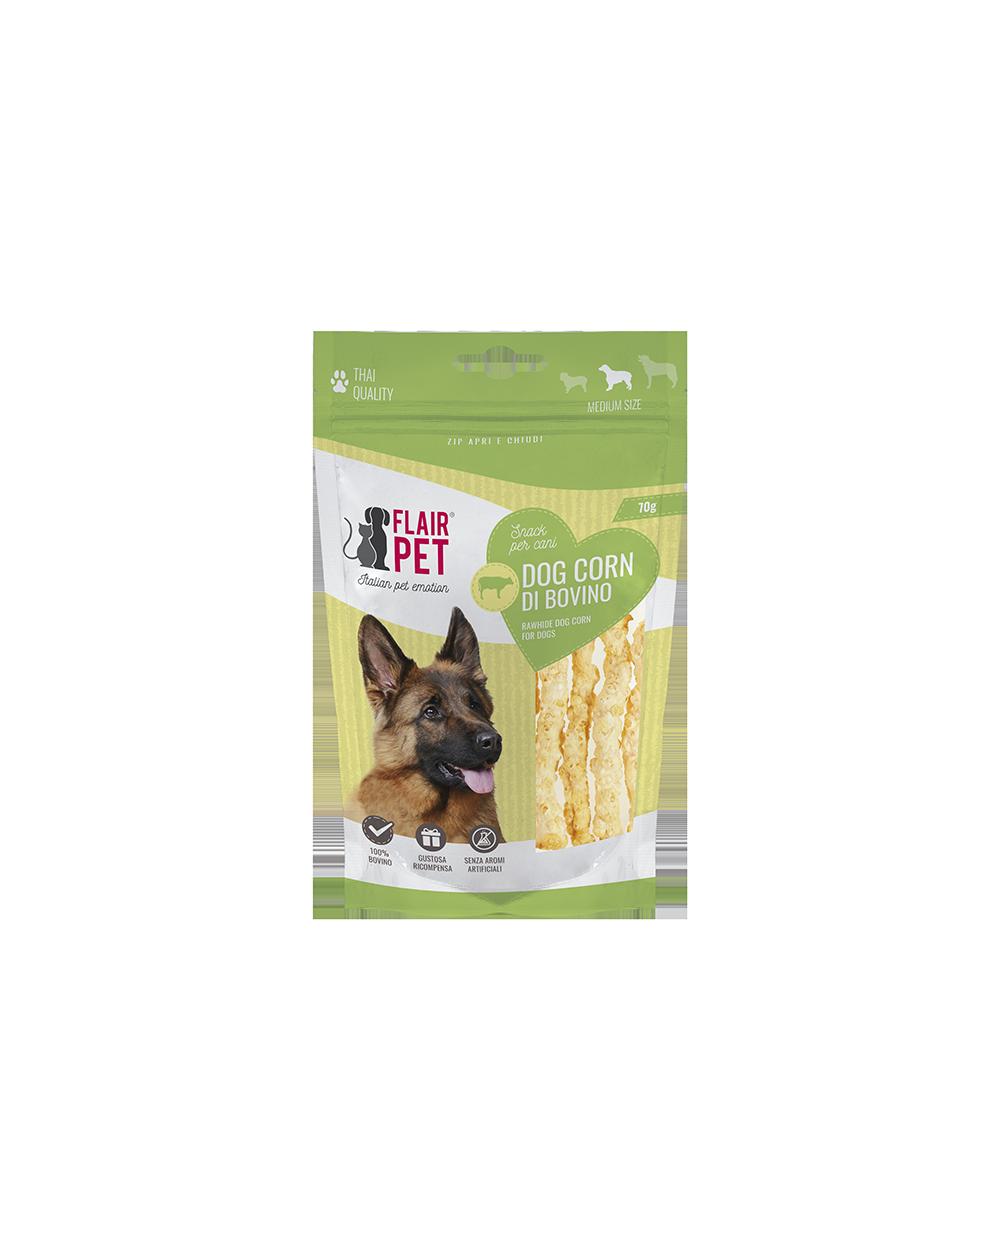 Flair Pet Snack per Cani Bastoncini in Pelle Bovina Croccanti 70g